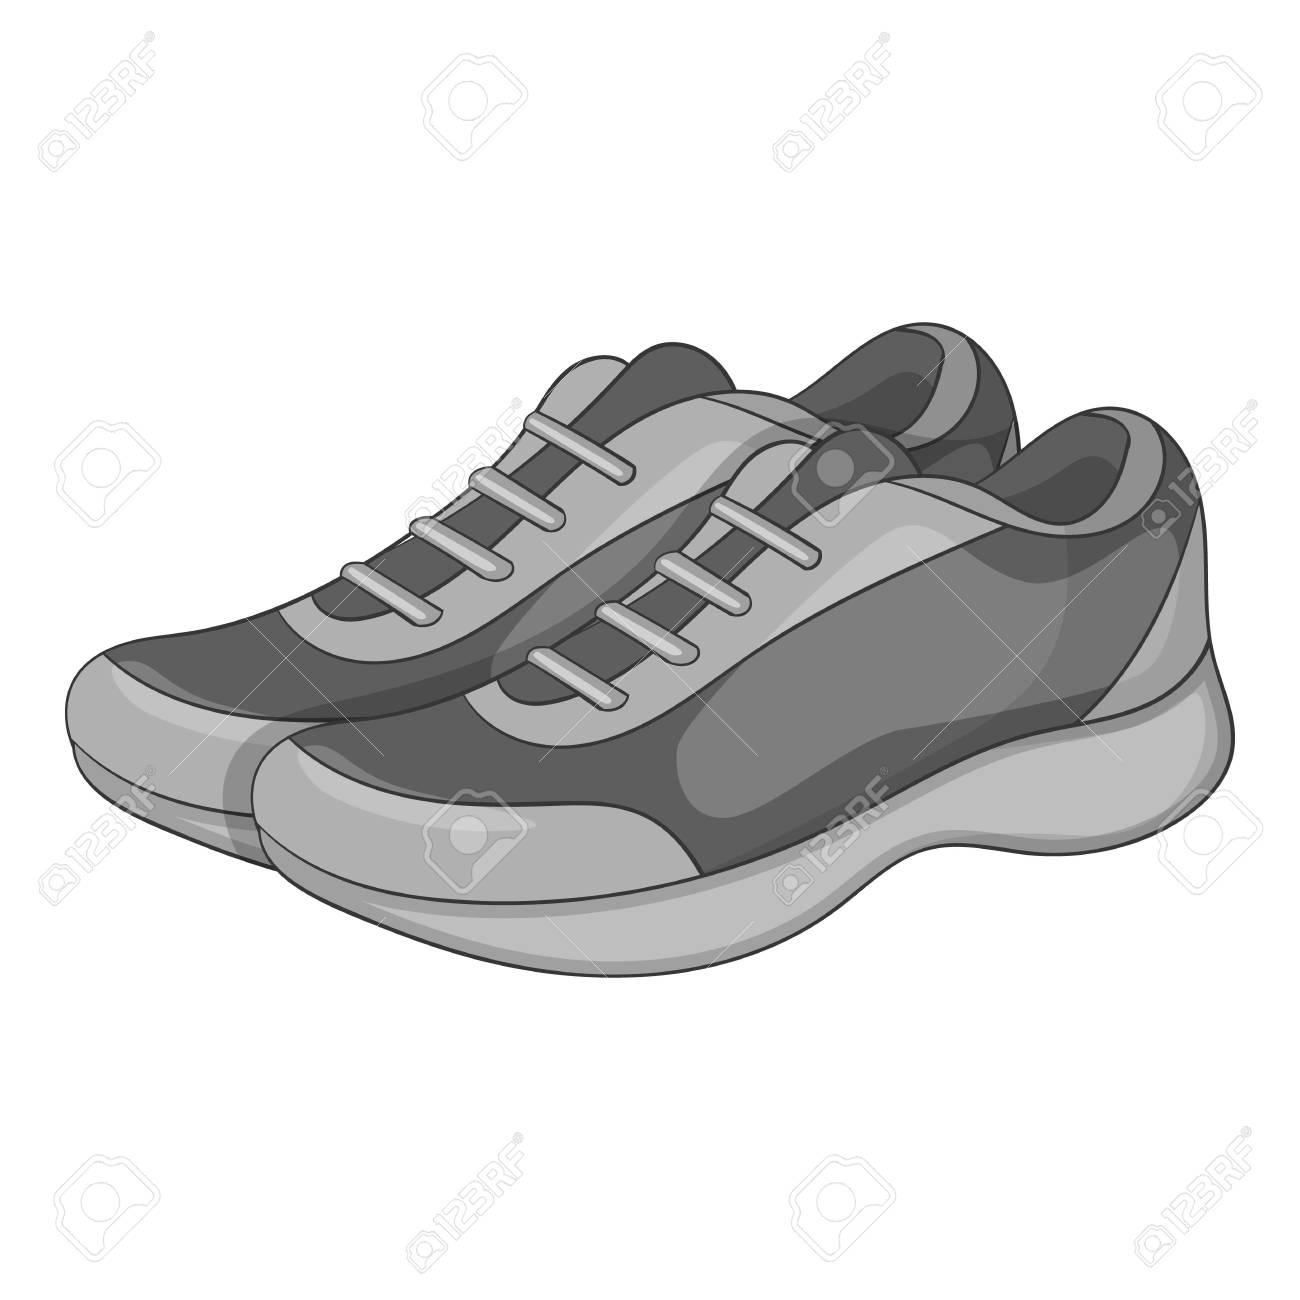 Sneakers L'illustrazione Grigia Di Icona Sportive Monocromatica fTqwzSOxv8